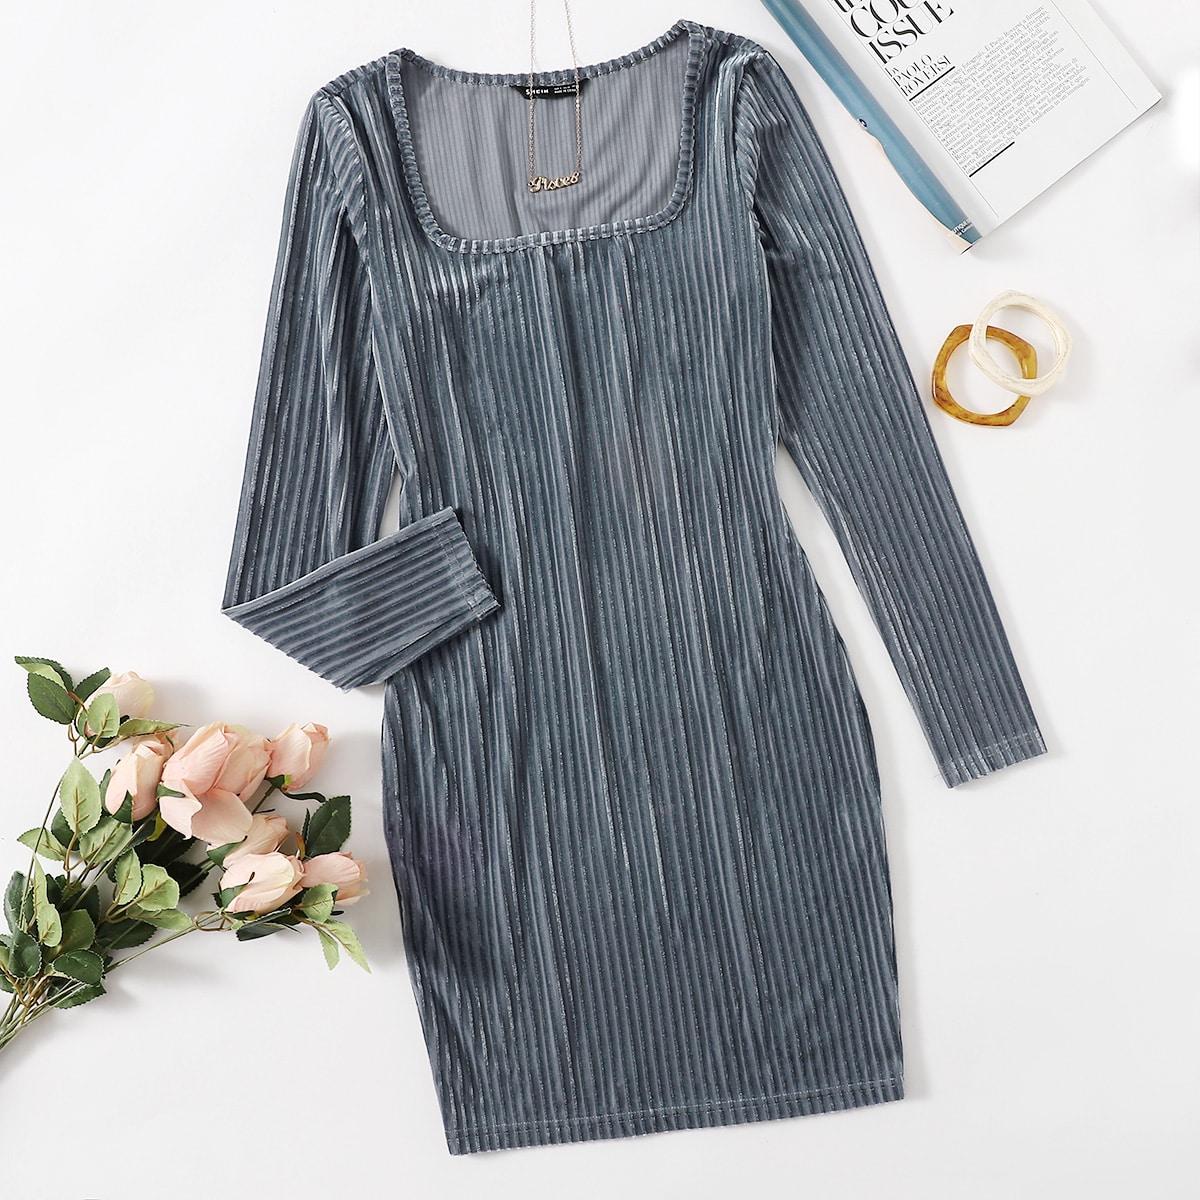 Бархатное платье в рубчик с квадратным воротником